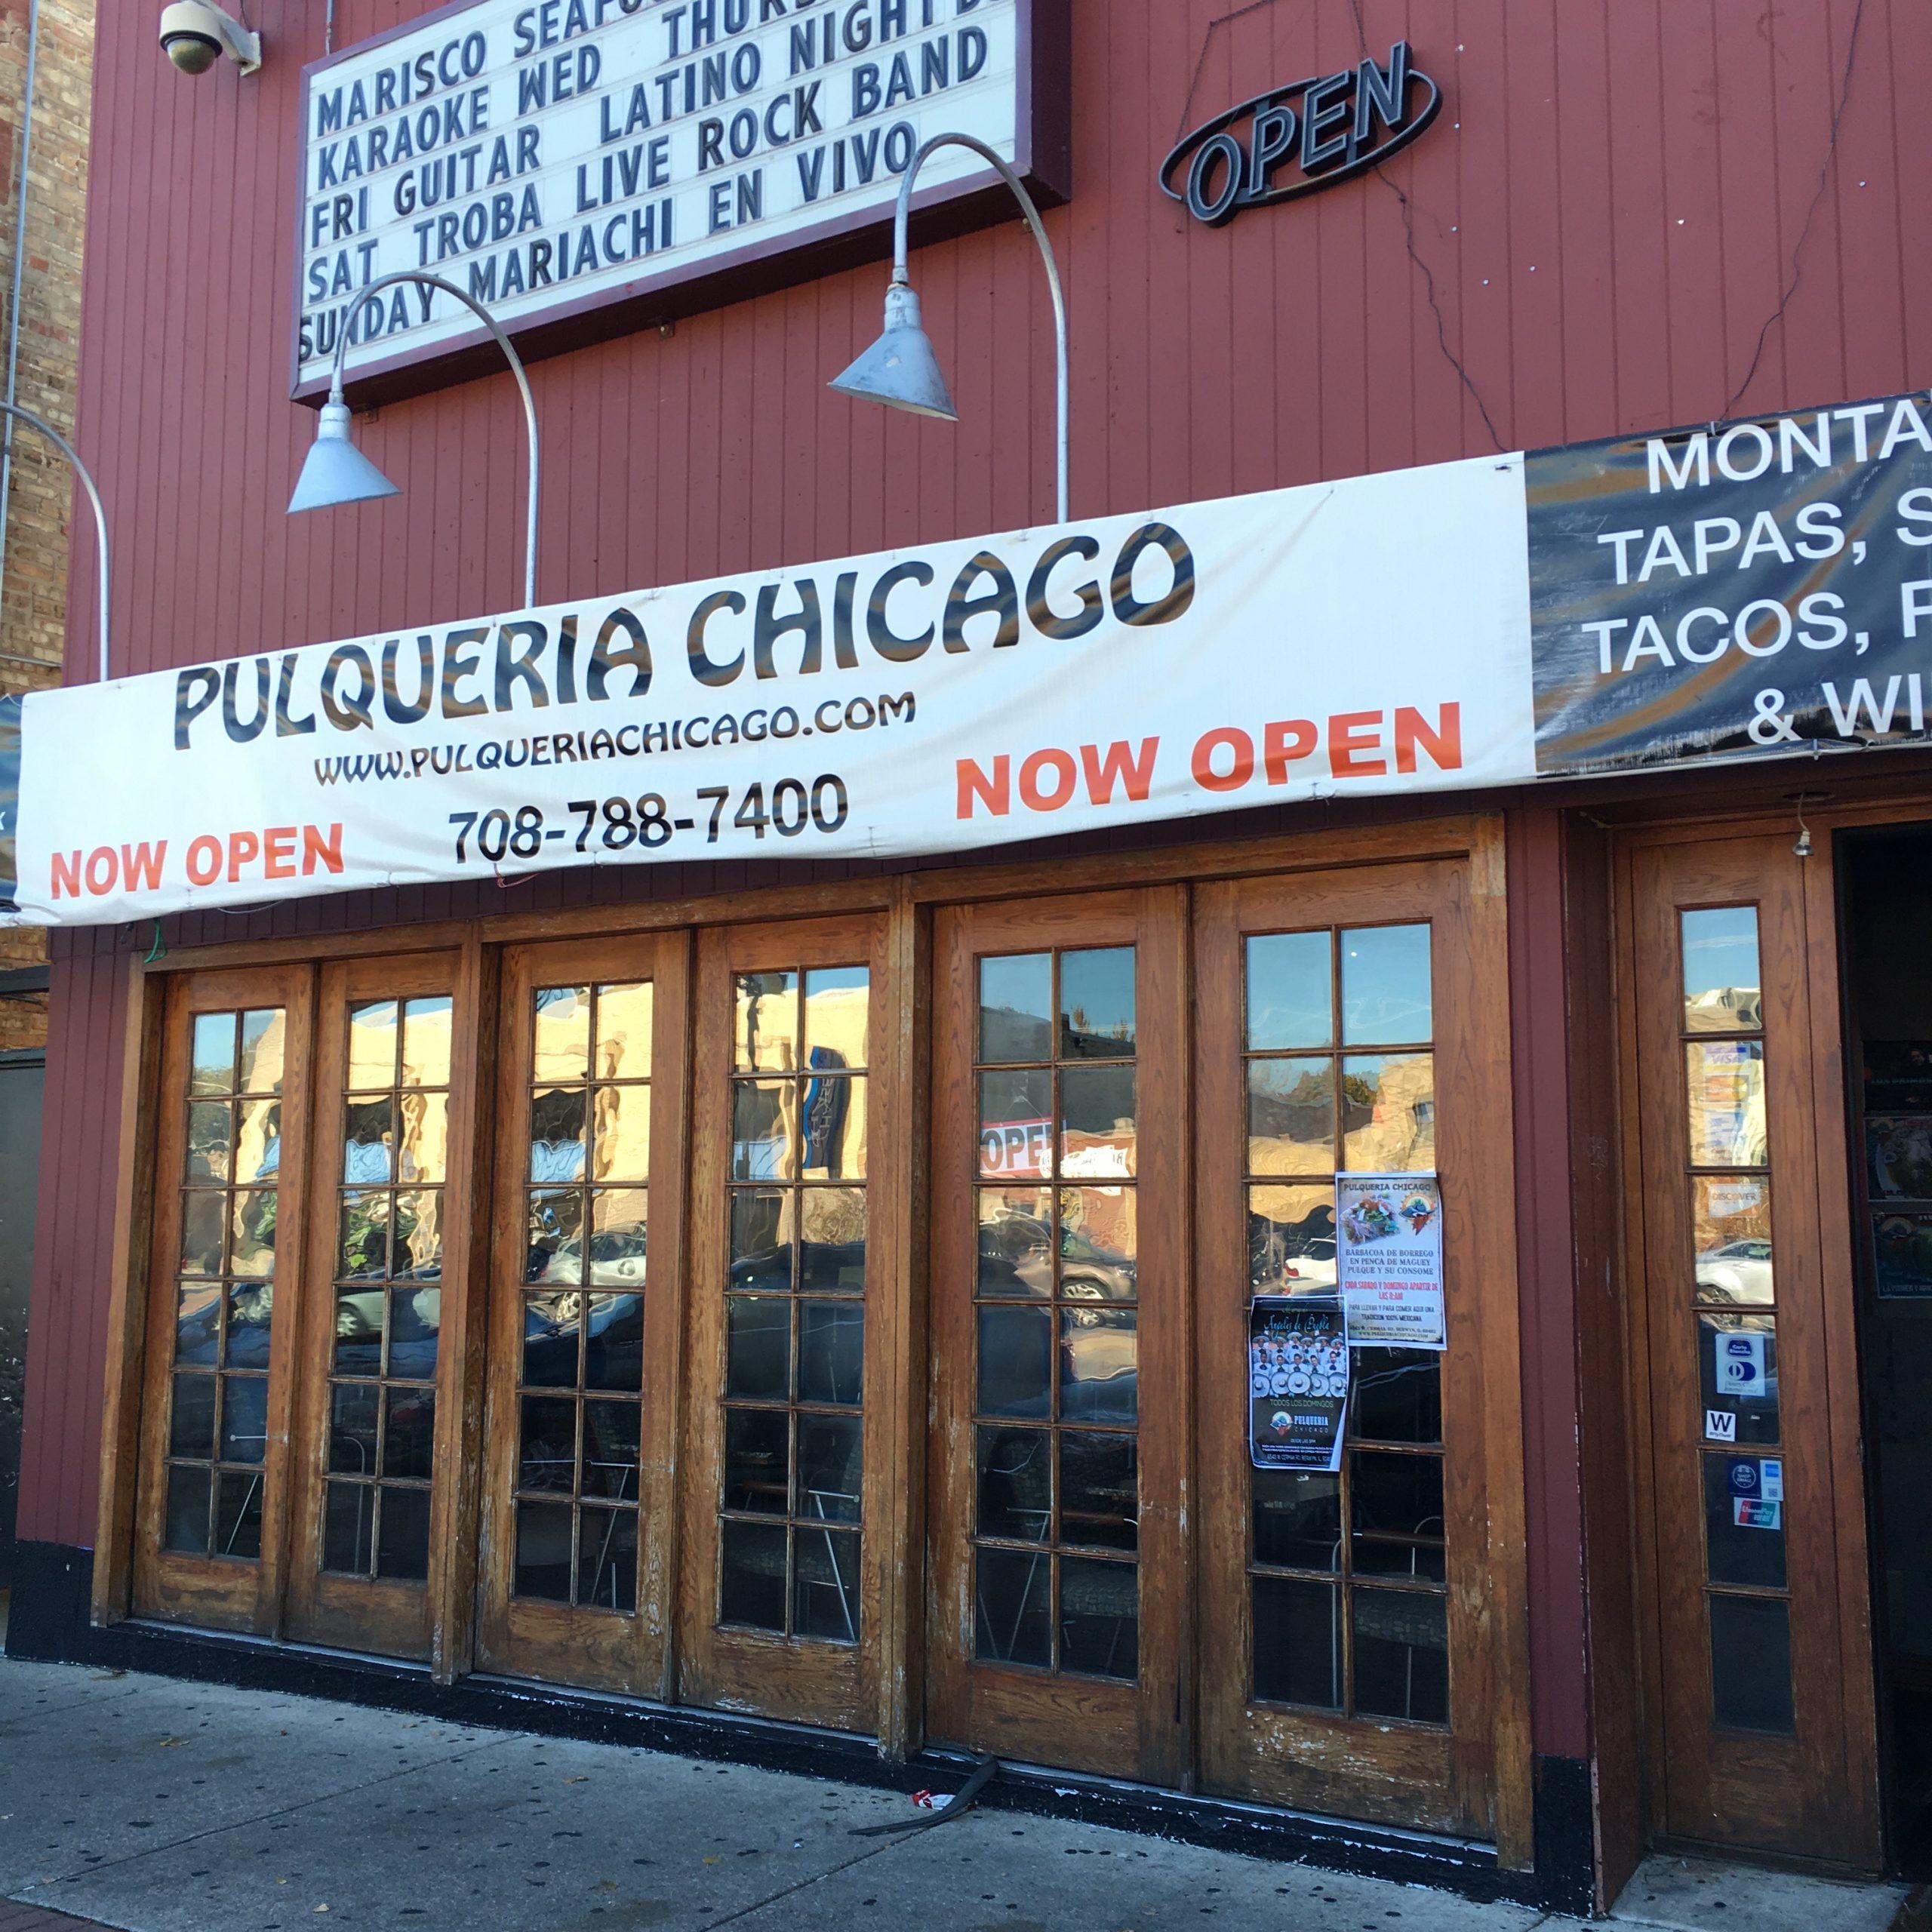 Pulqueria Chicago